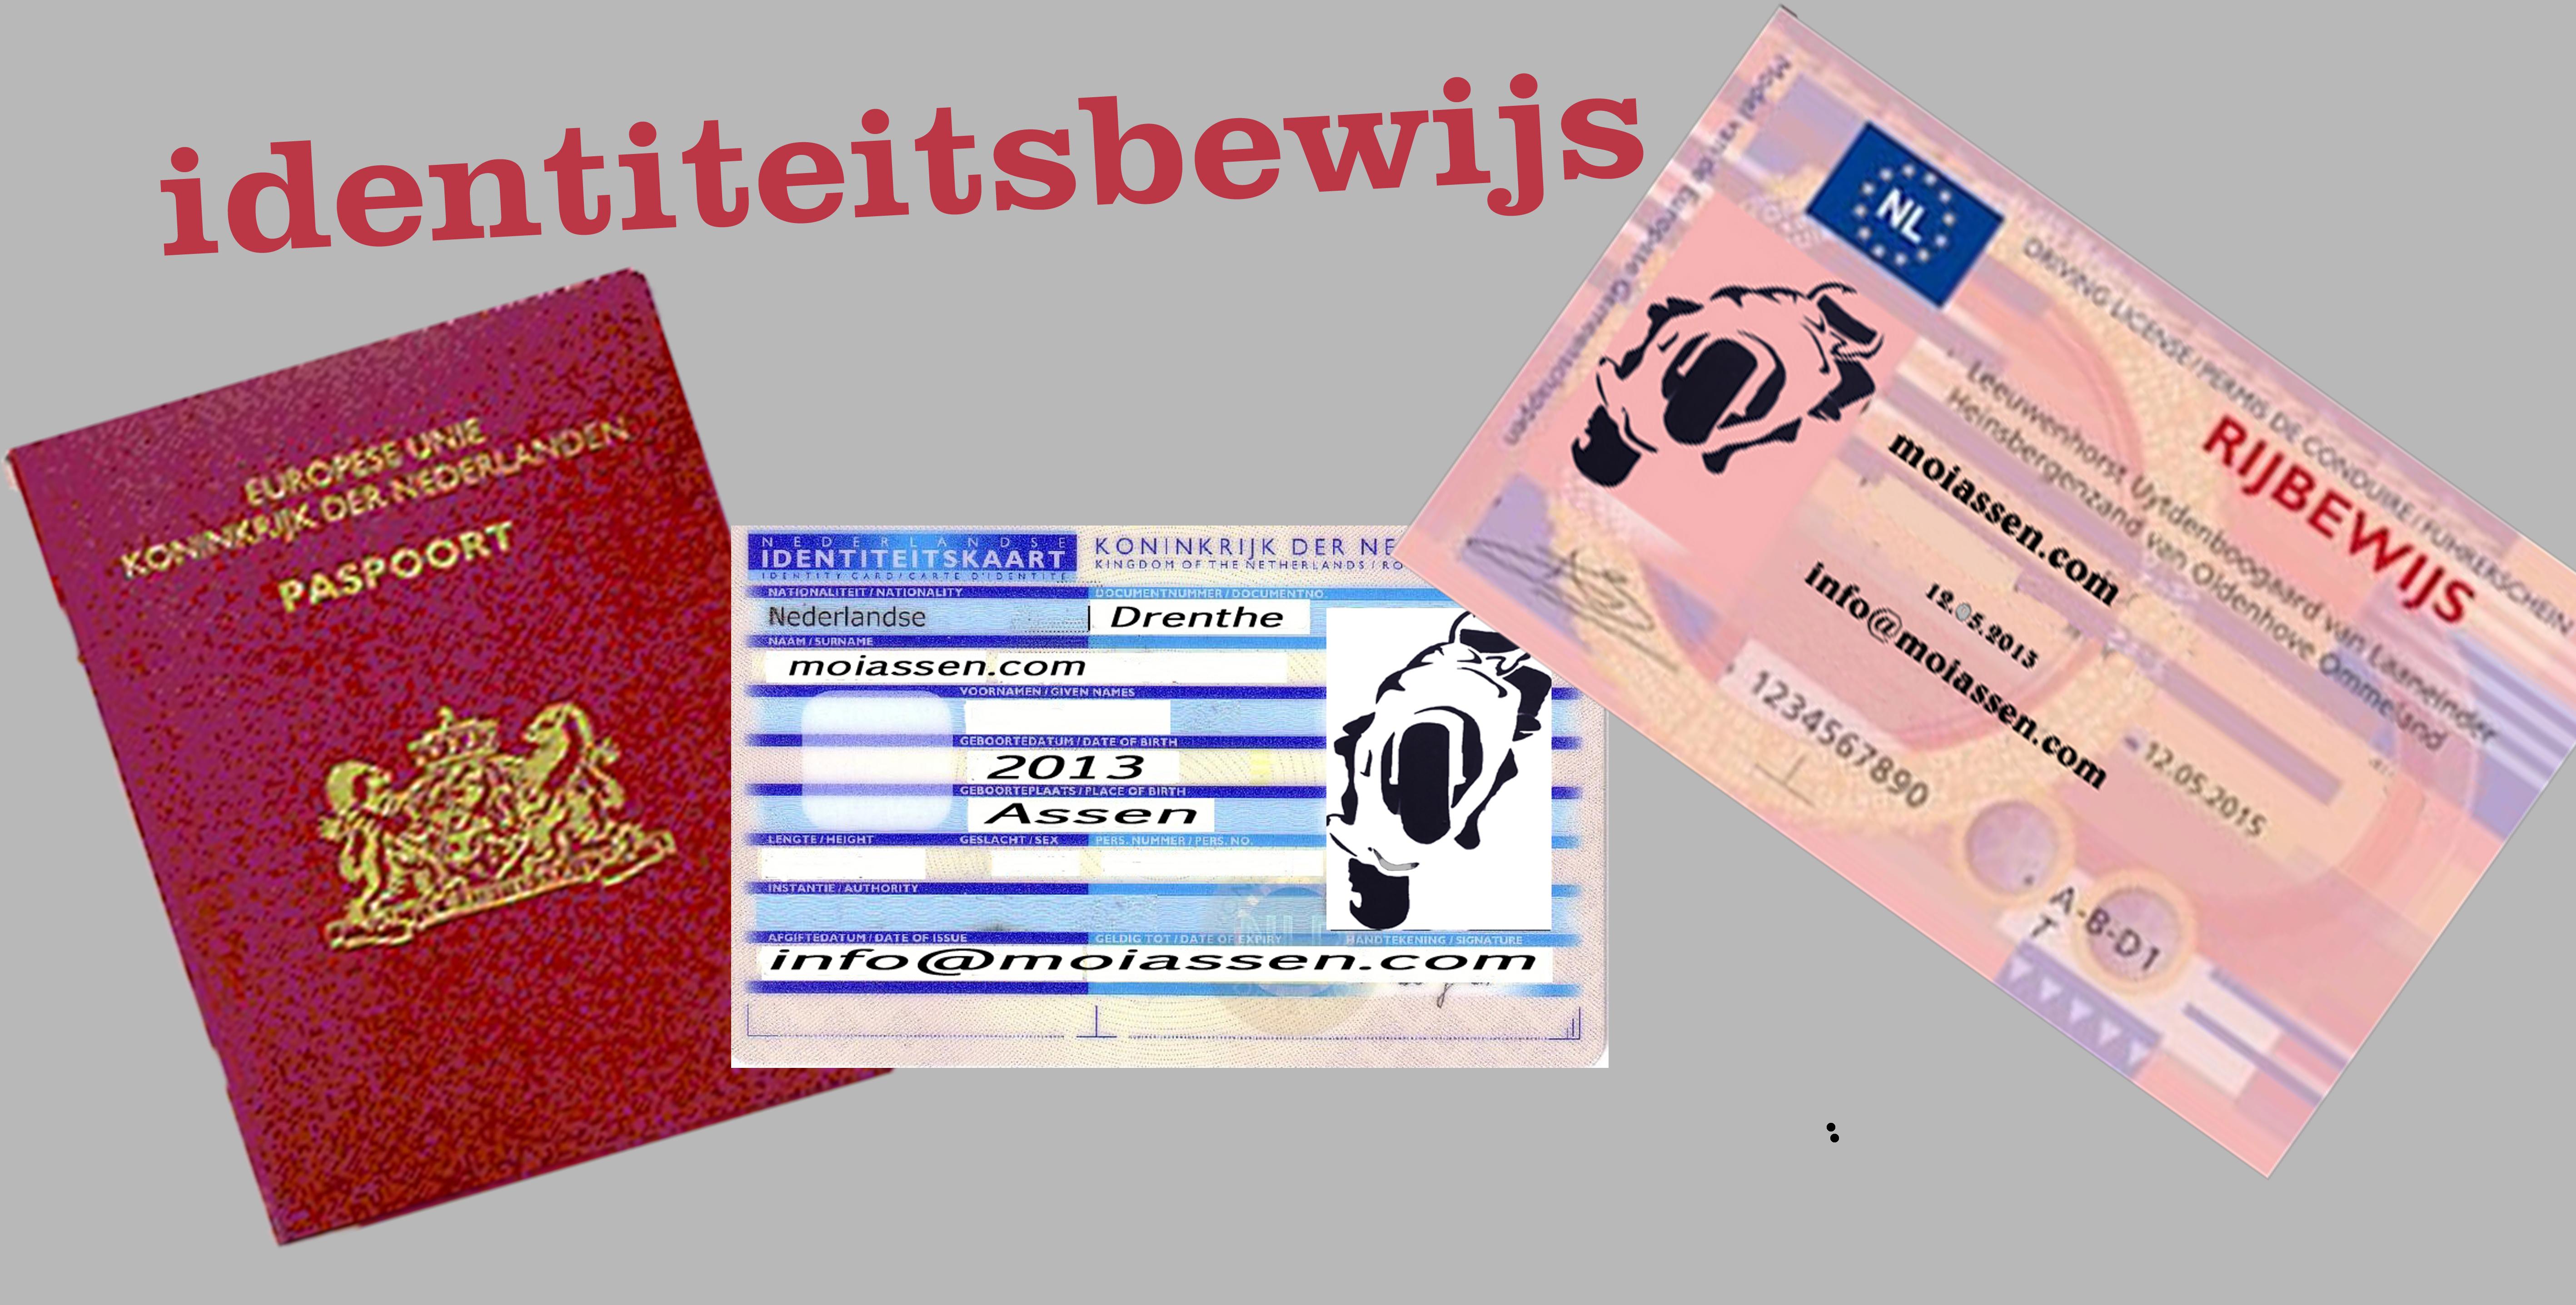 Aanvragen identiteitsbewijs op 6 en 7 maart niet mogelijk